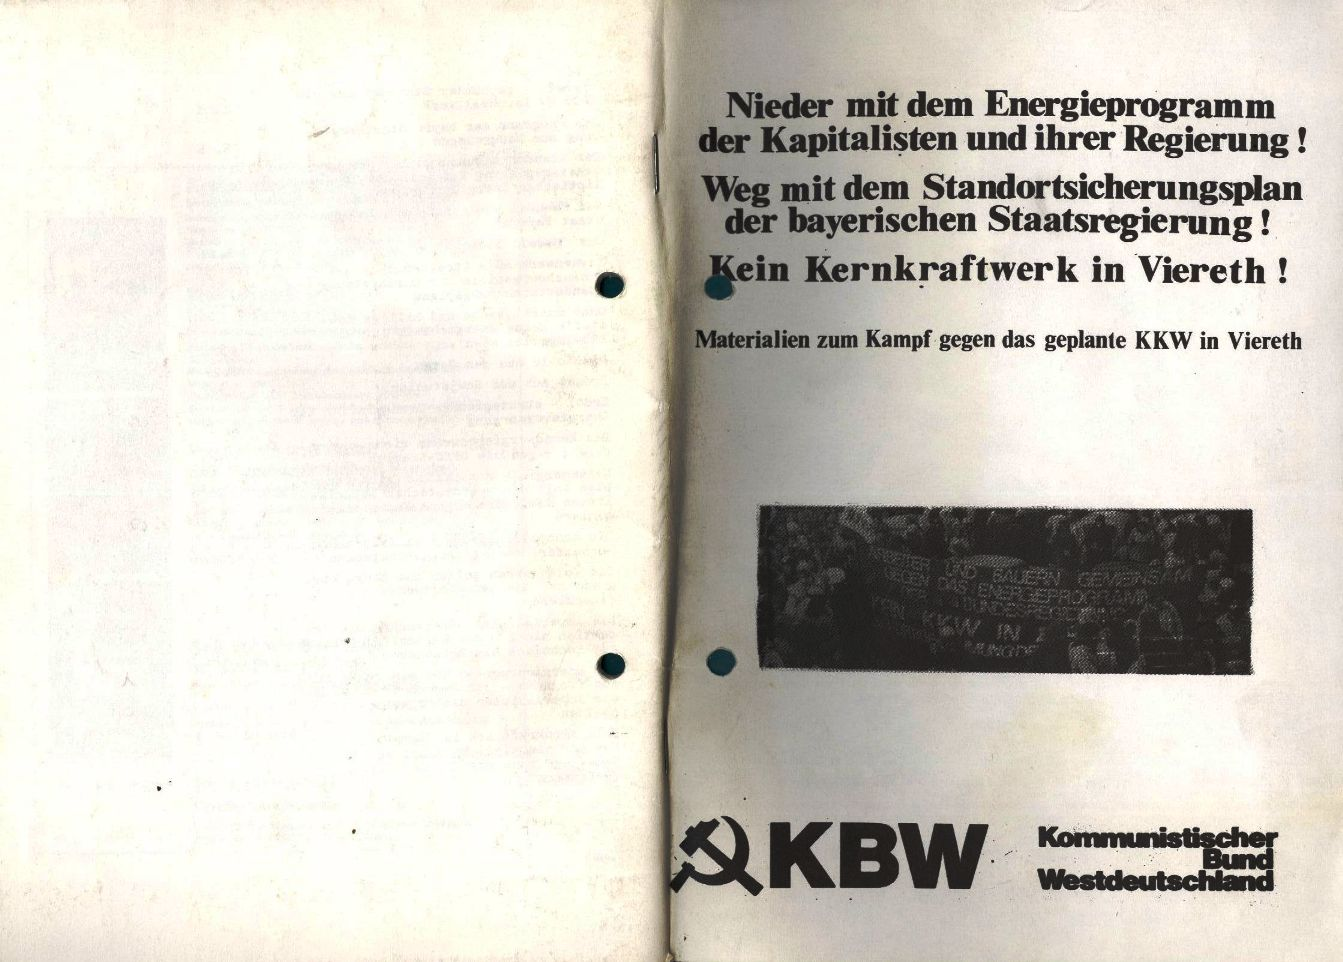 KBW_Mittelfranken033